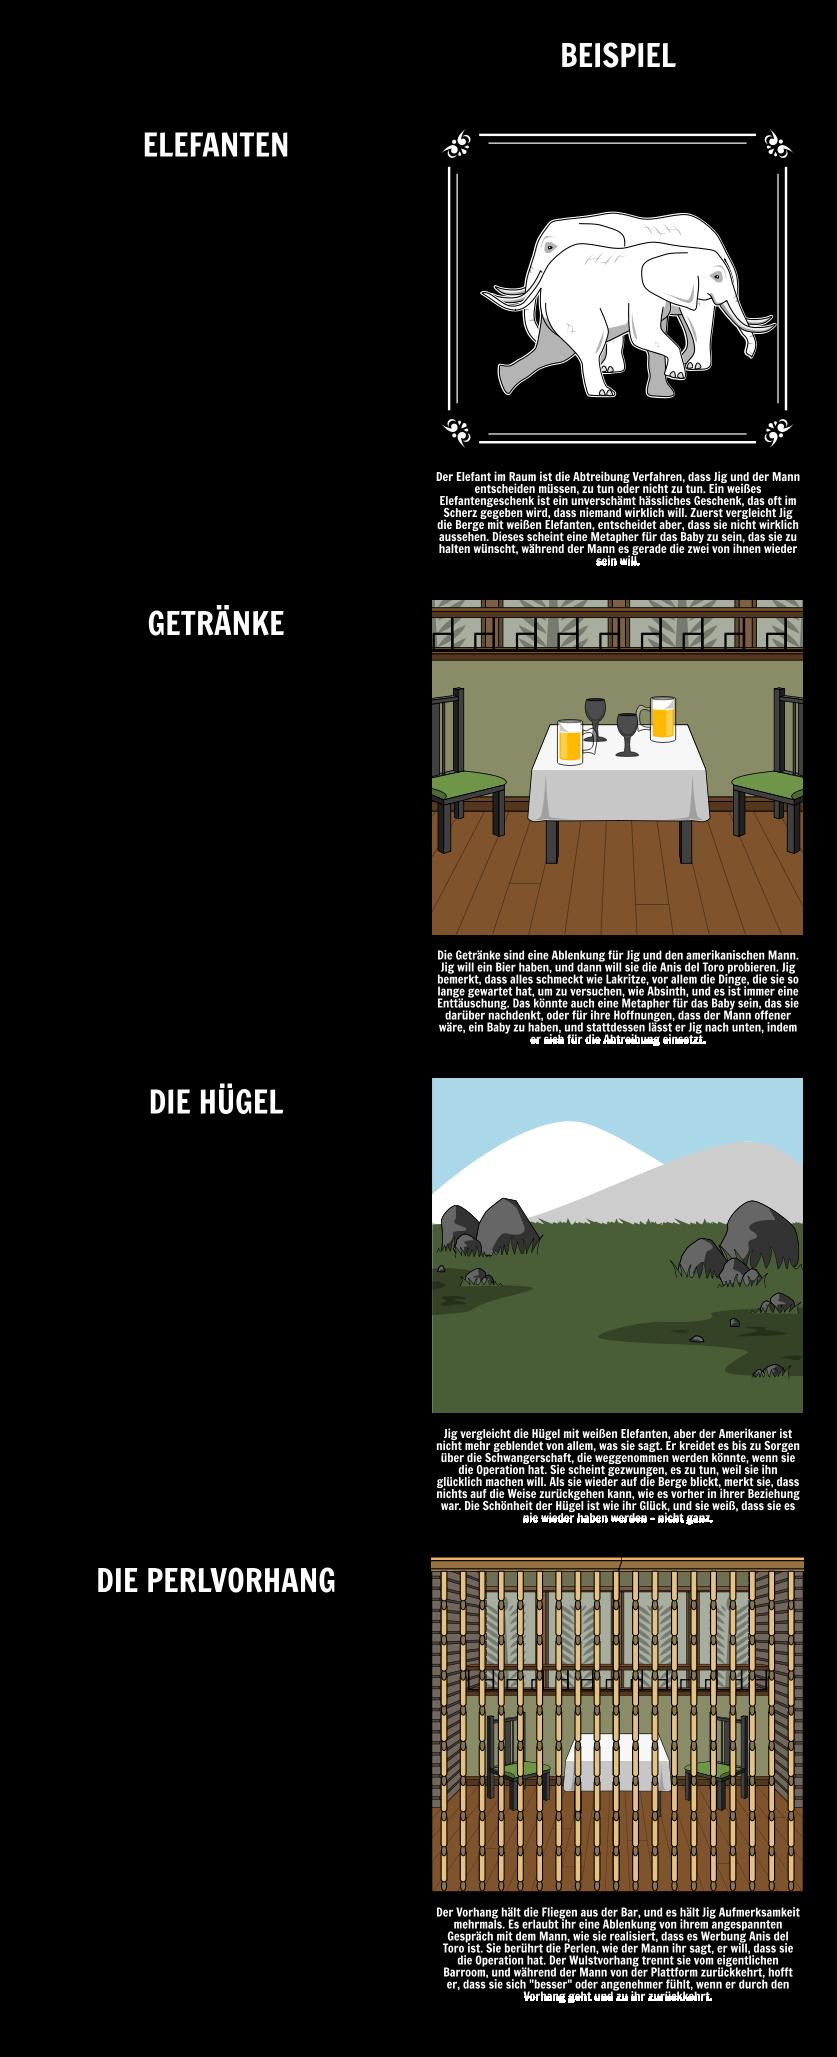 Themen, Symbole und Motive in Hügeln wie Weiße Elefanten